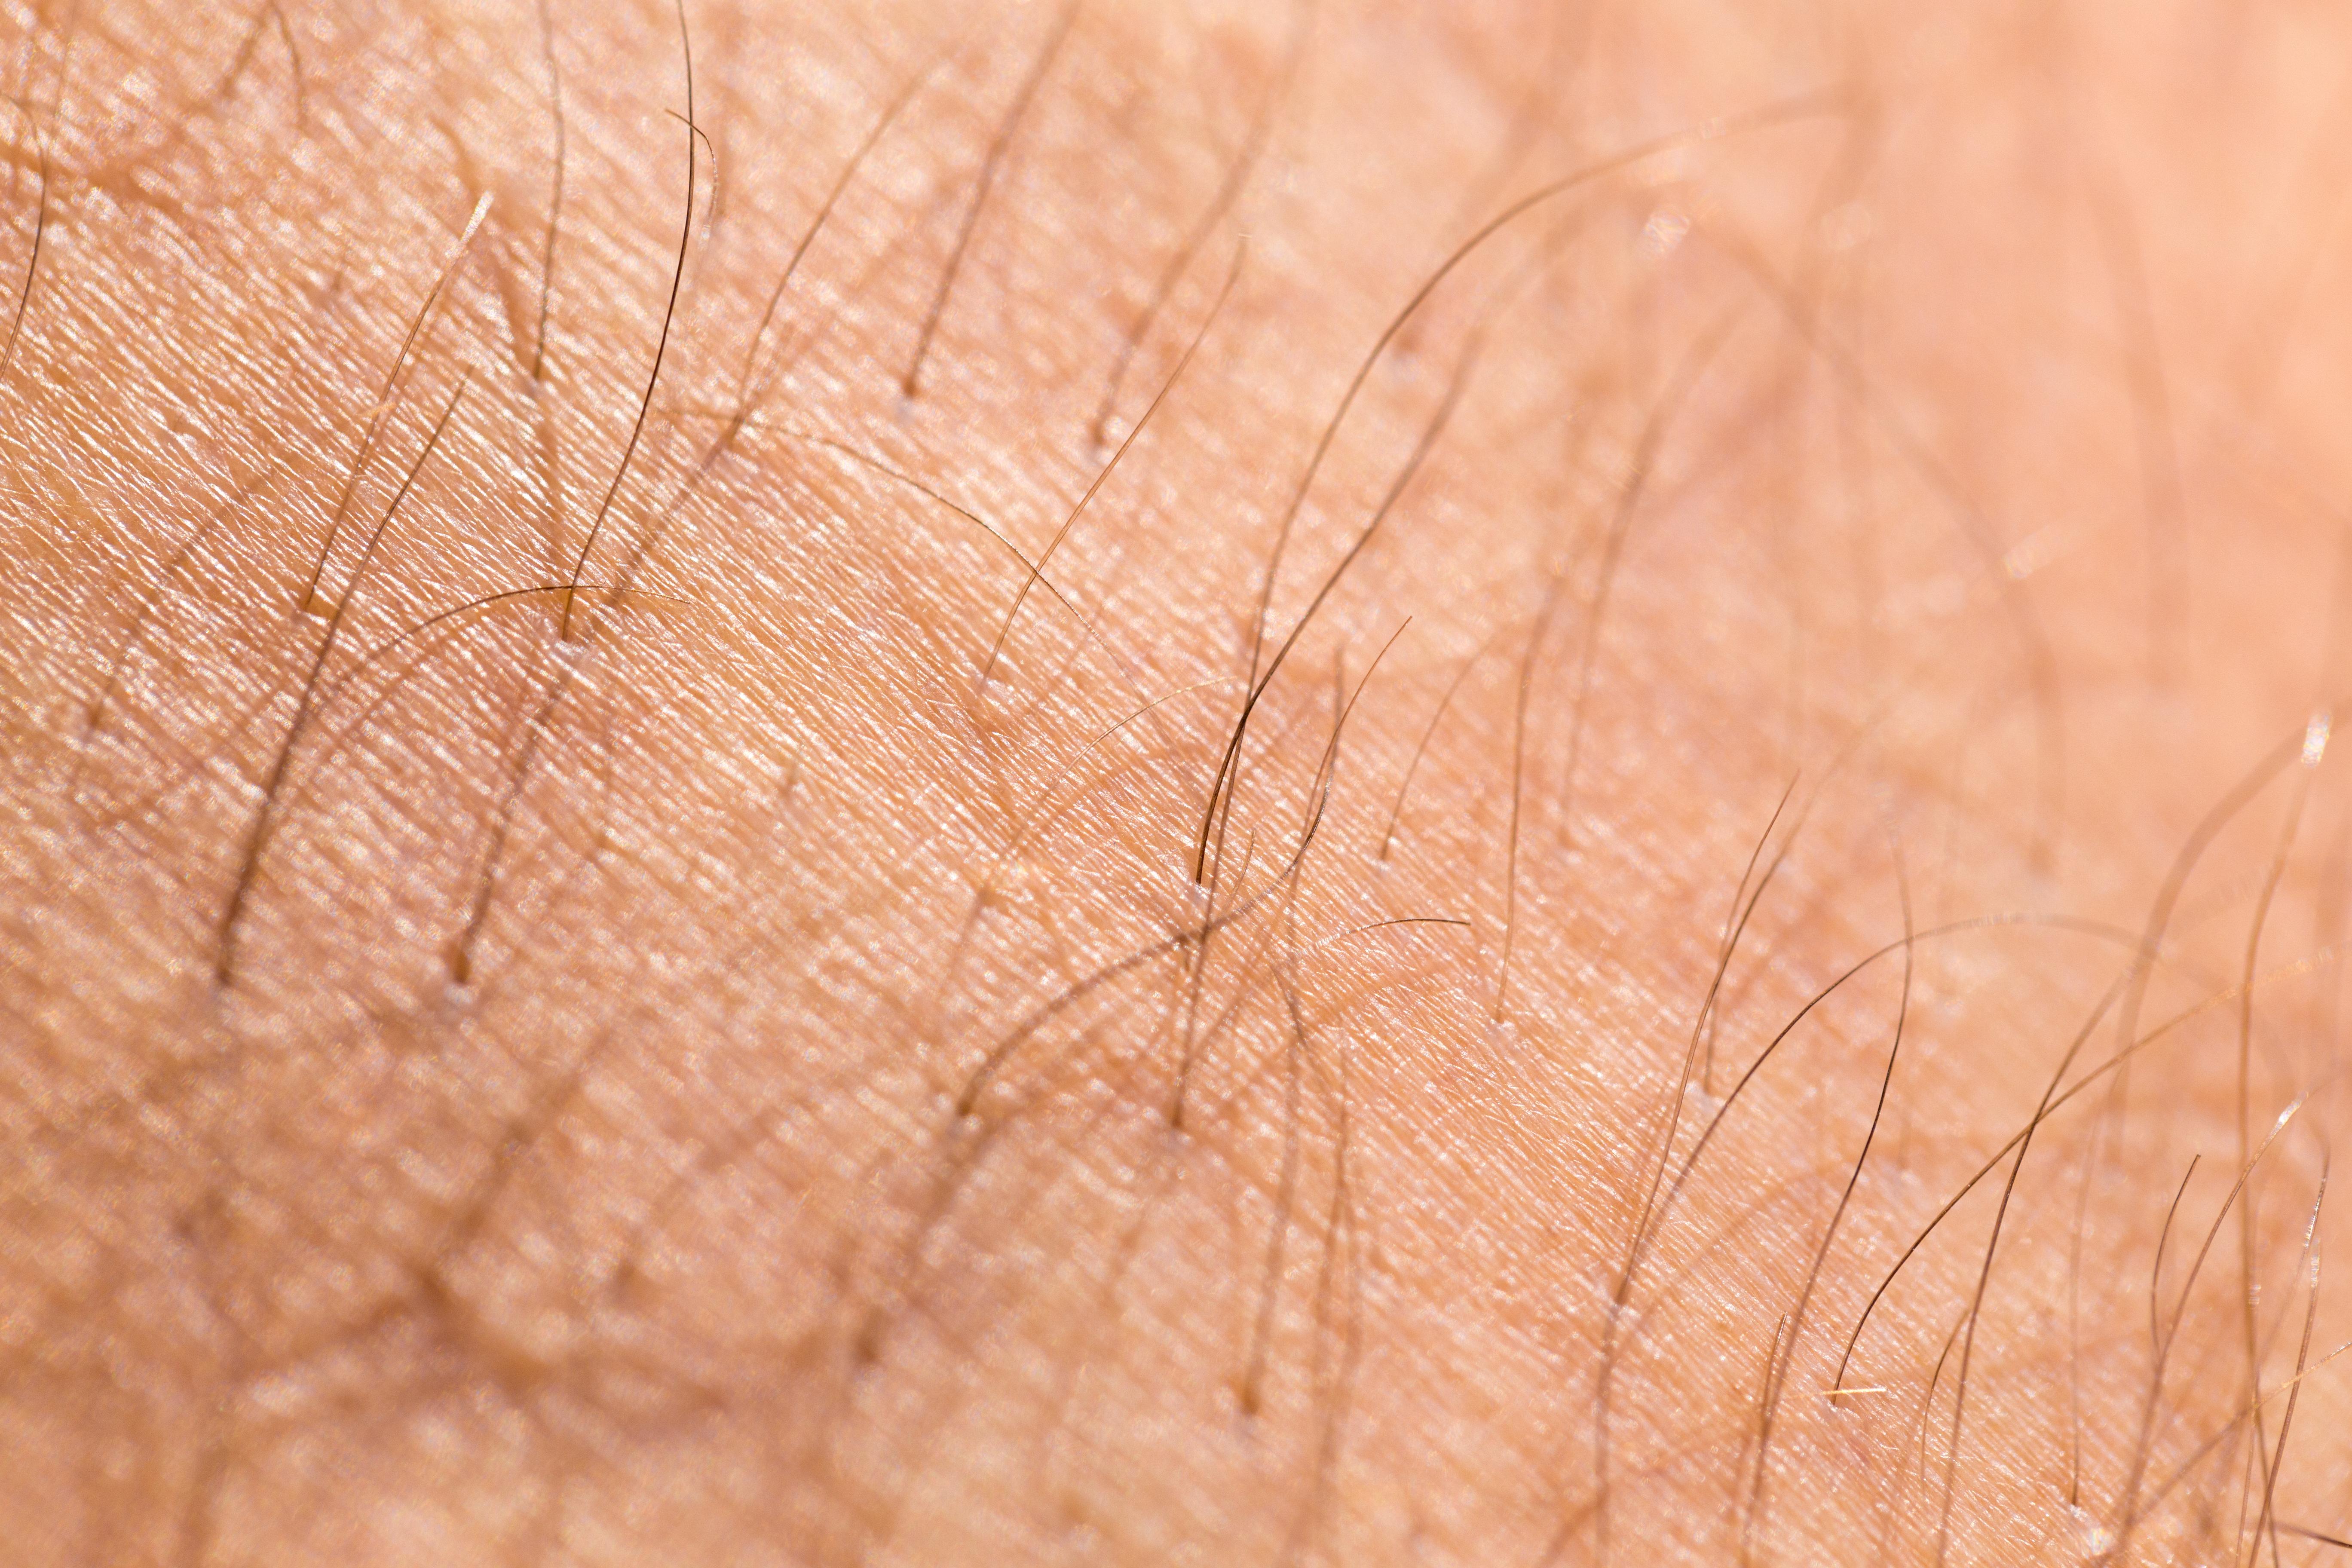 Vid hirsutism kan håret på olika platser bli grövre, mörkare och mer synligt.